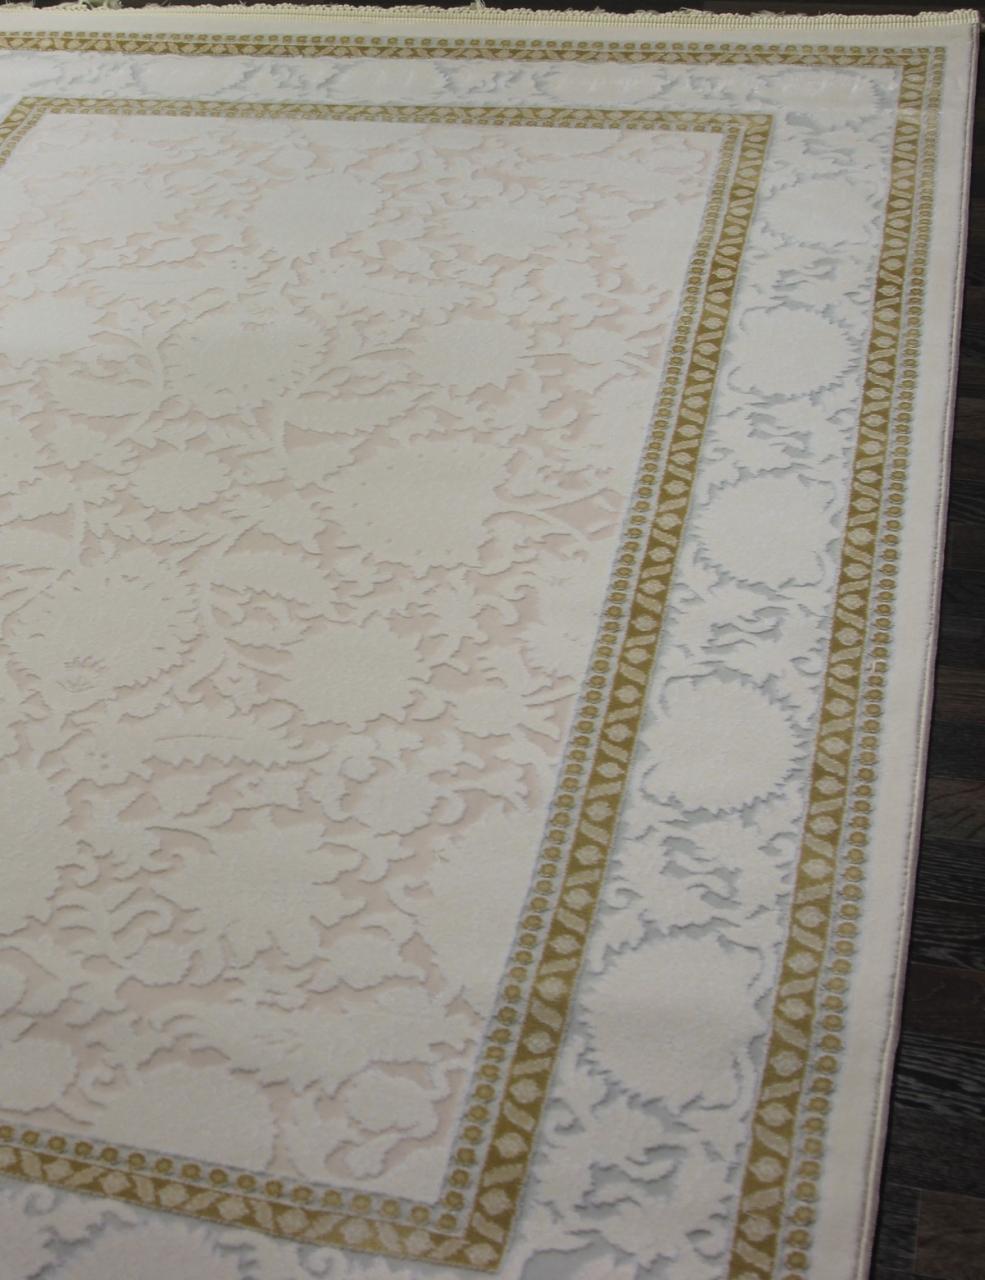 Ковер 13288 - 060 - Прямоугольник - коллекция RAMSES - фото 3